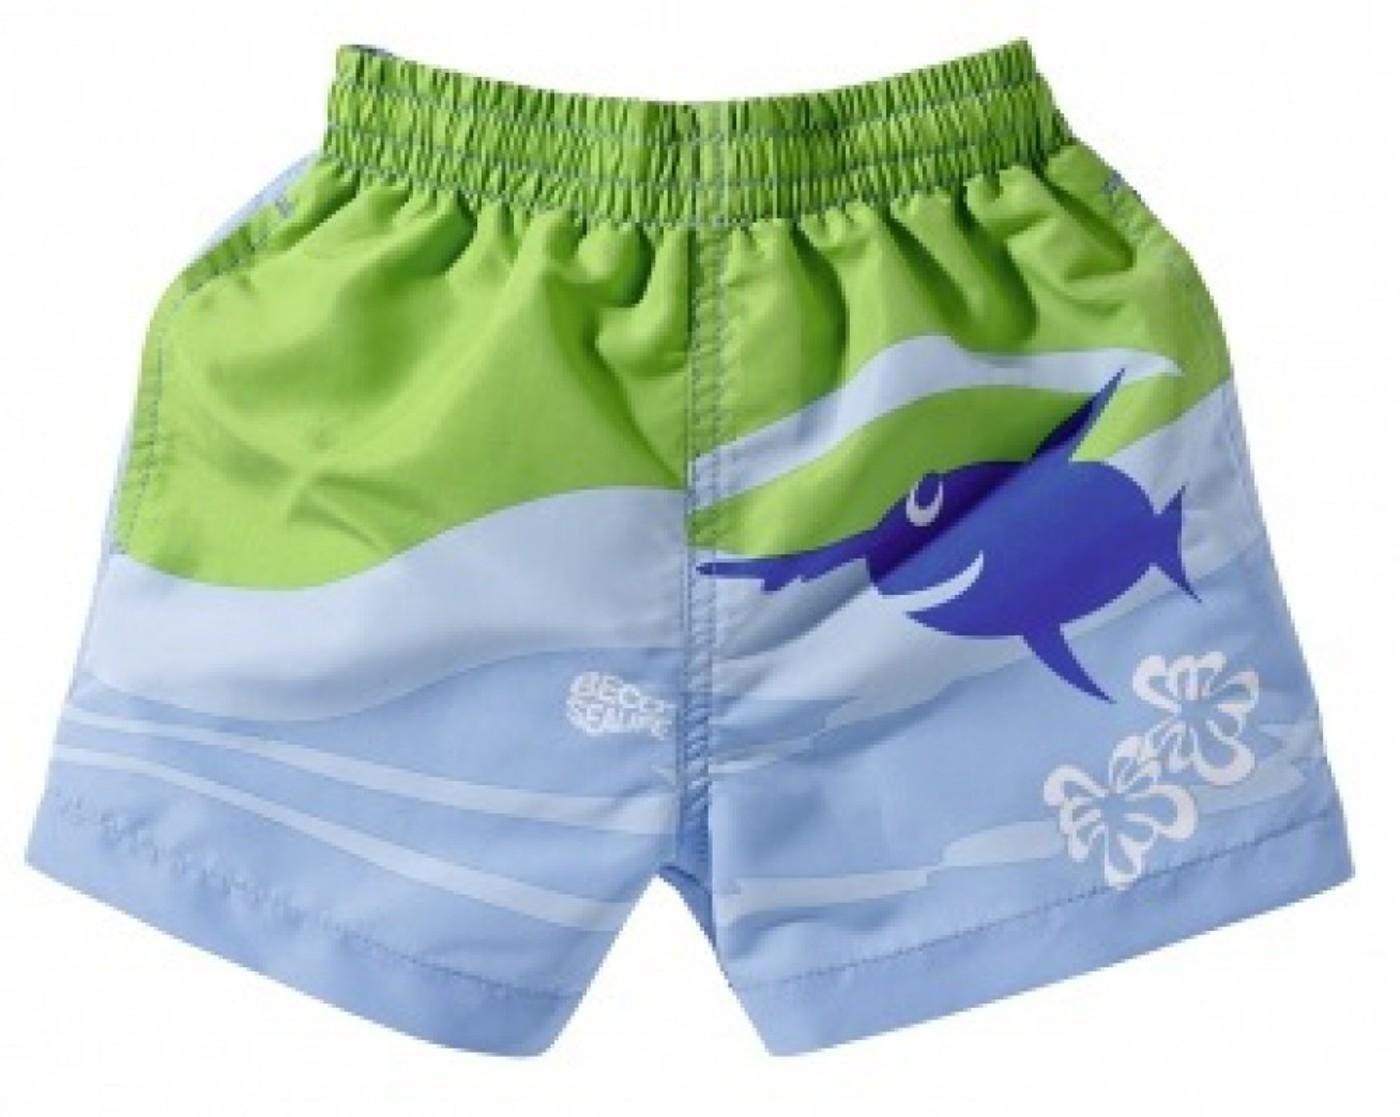 BECO Shorts - Kinder